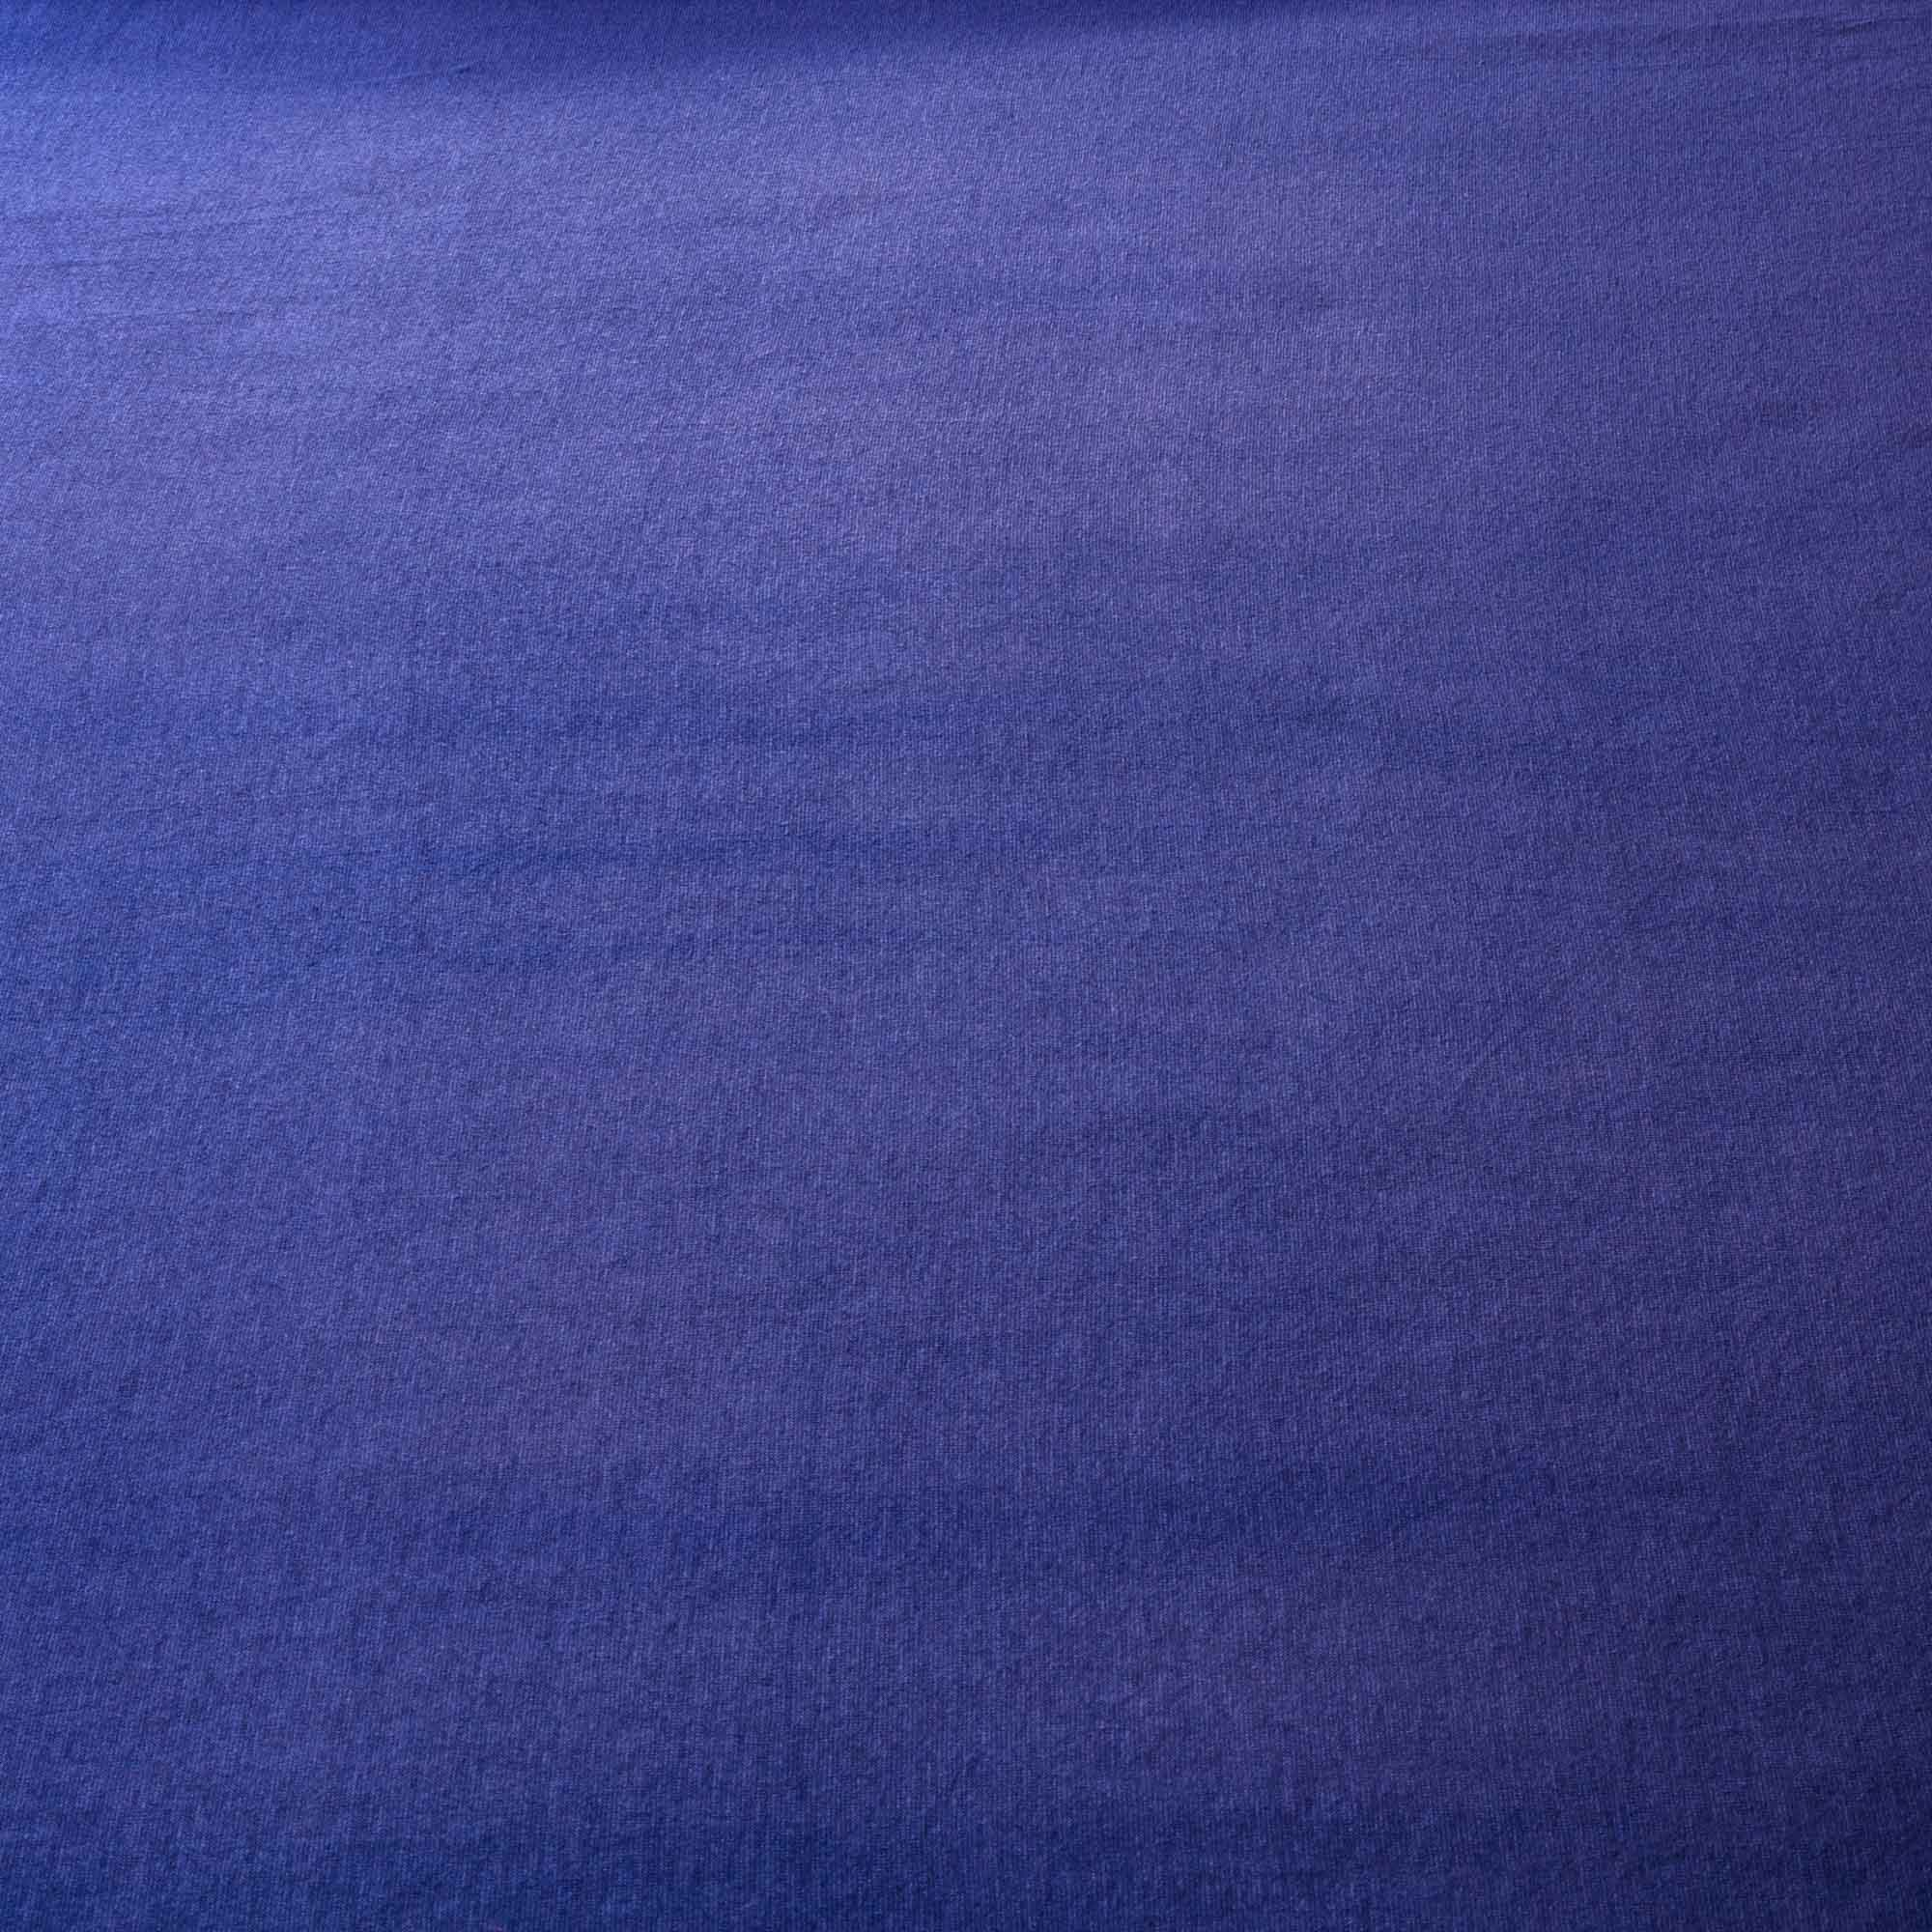 Tecido Malha Viscolycra Azul Royal 63% Poliester 32% Viscose 5% Elastano 1,80 m Largura